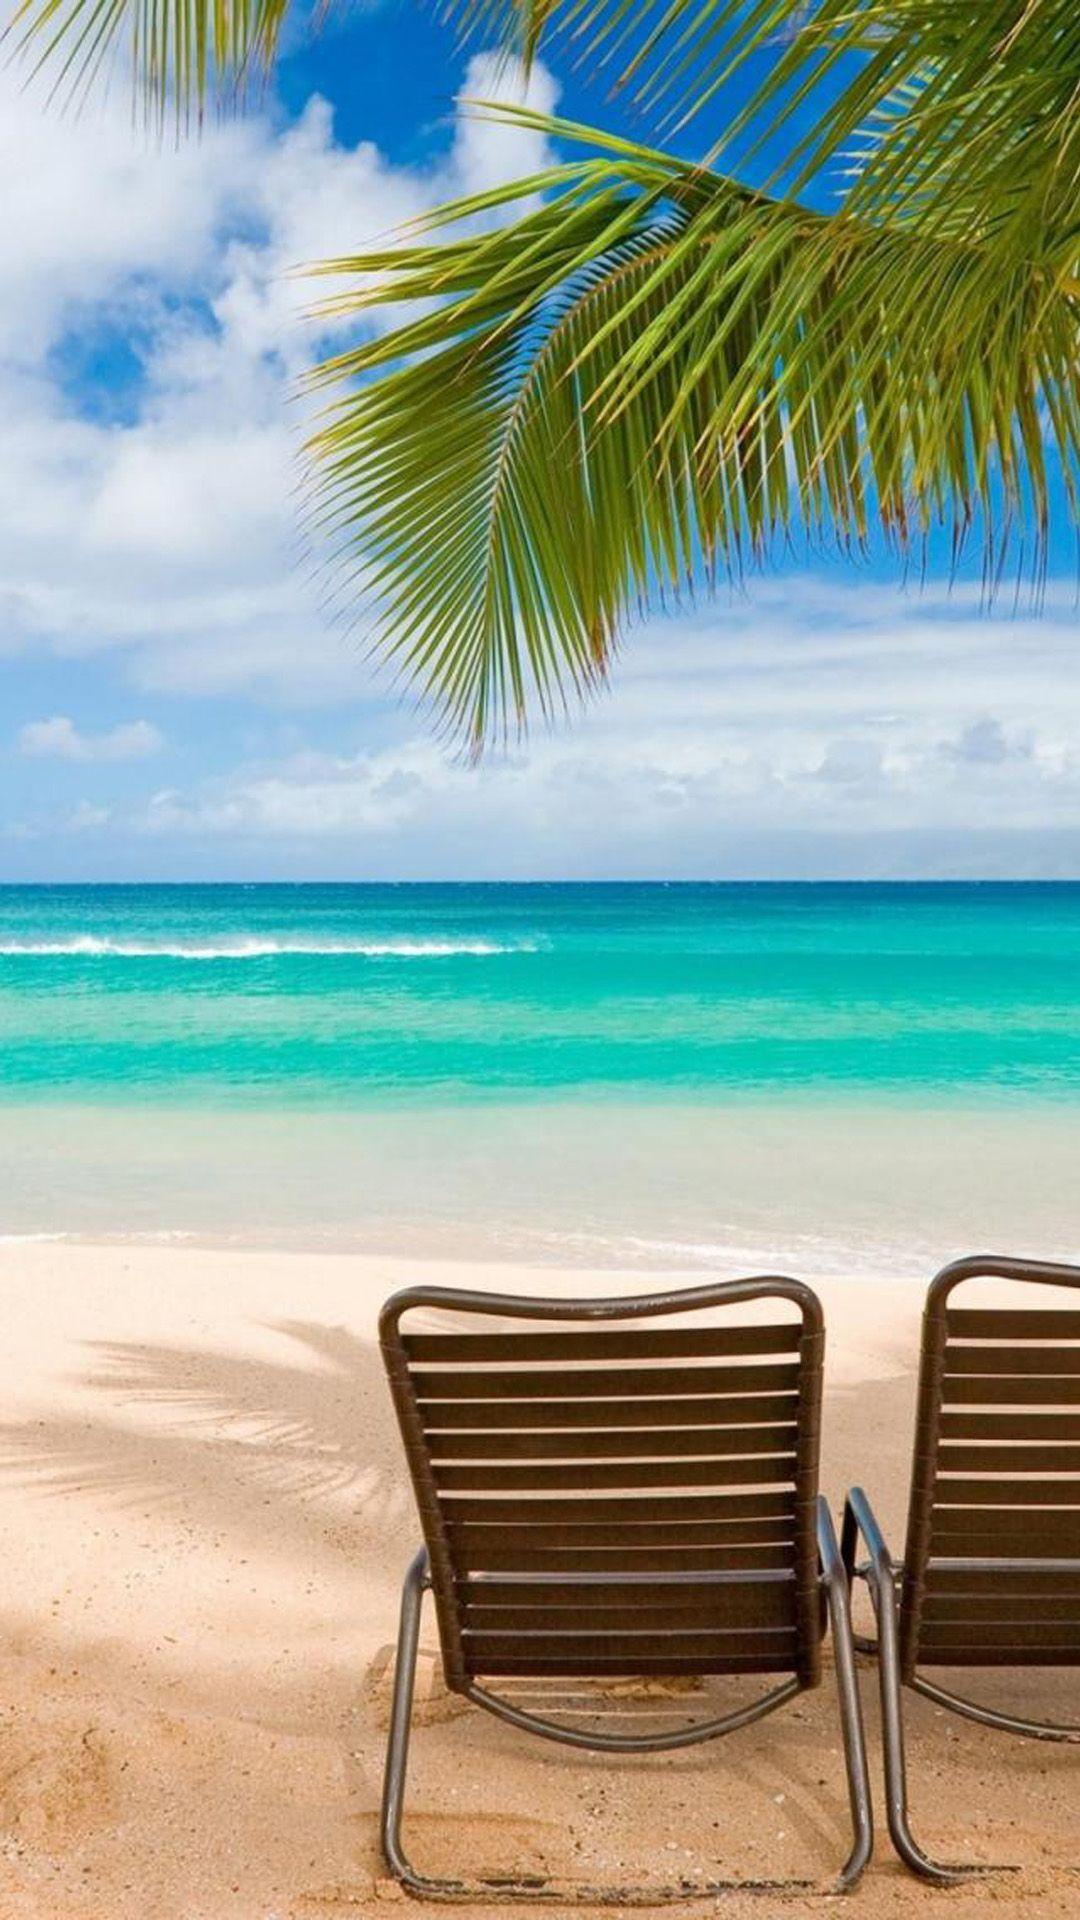 Samsung Galaxy S5 Wallpaper Beach Beach Wallpaper Beach Wallpaper Iphone Hawaii Beaches